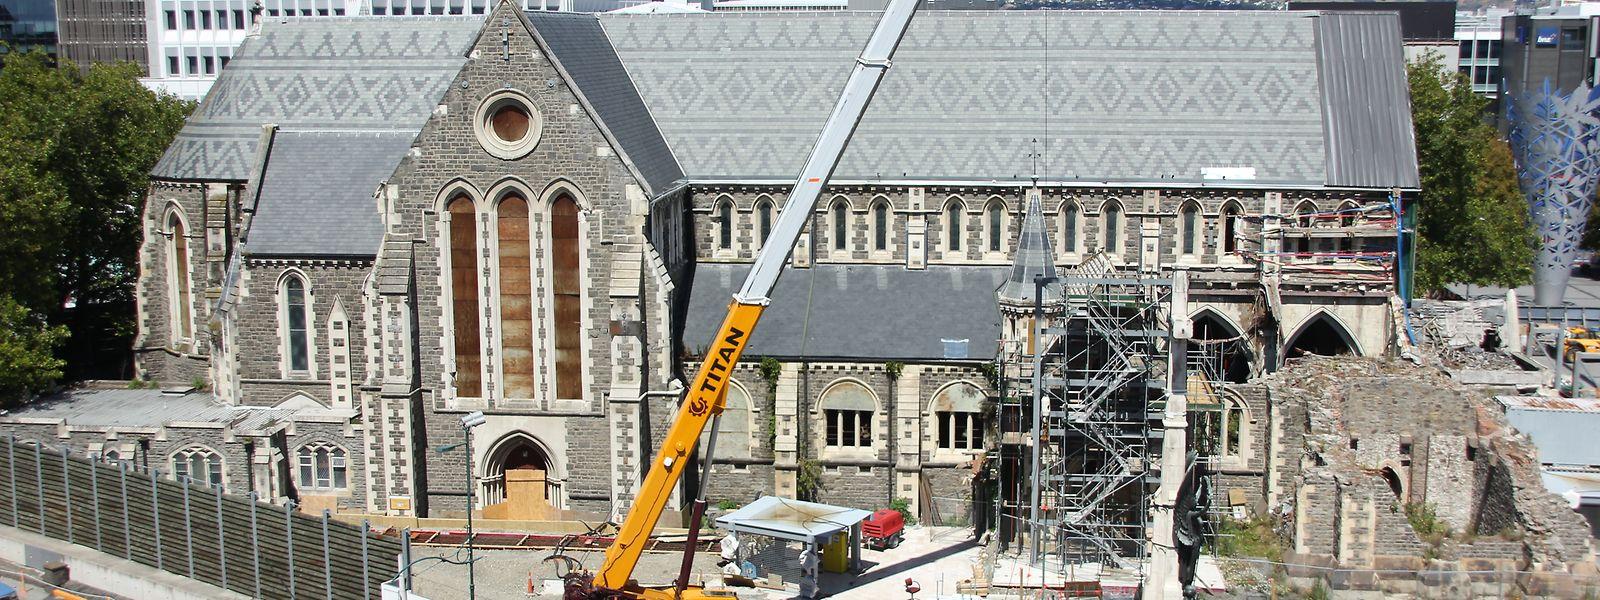 Die Kathedrale von Christchurch, rechts sind die Überbleibsel des eingestürzten Kirchturmes zu sehen.